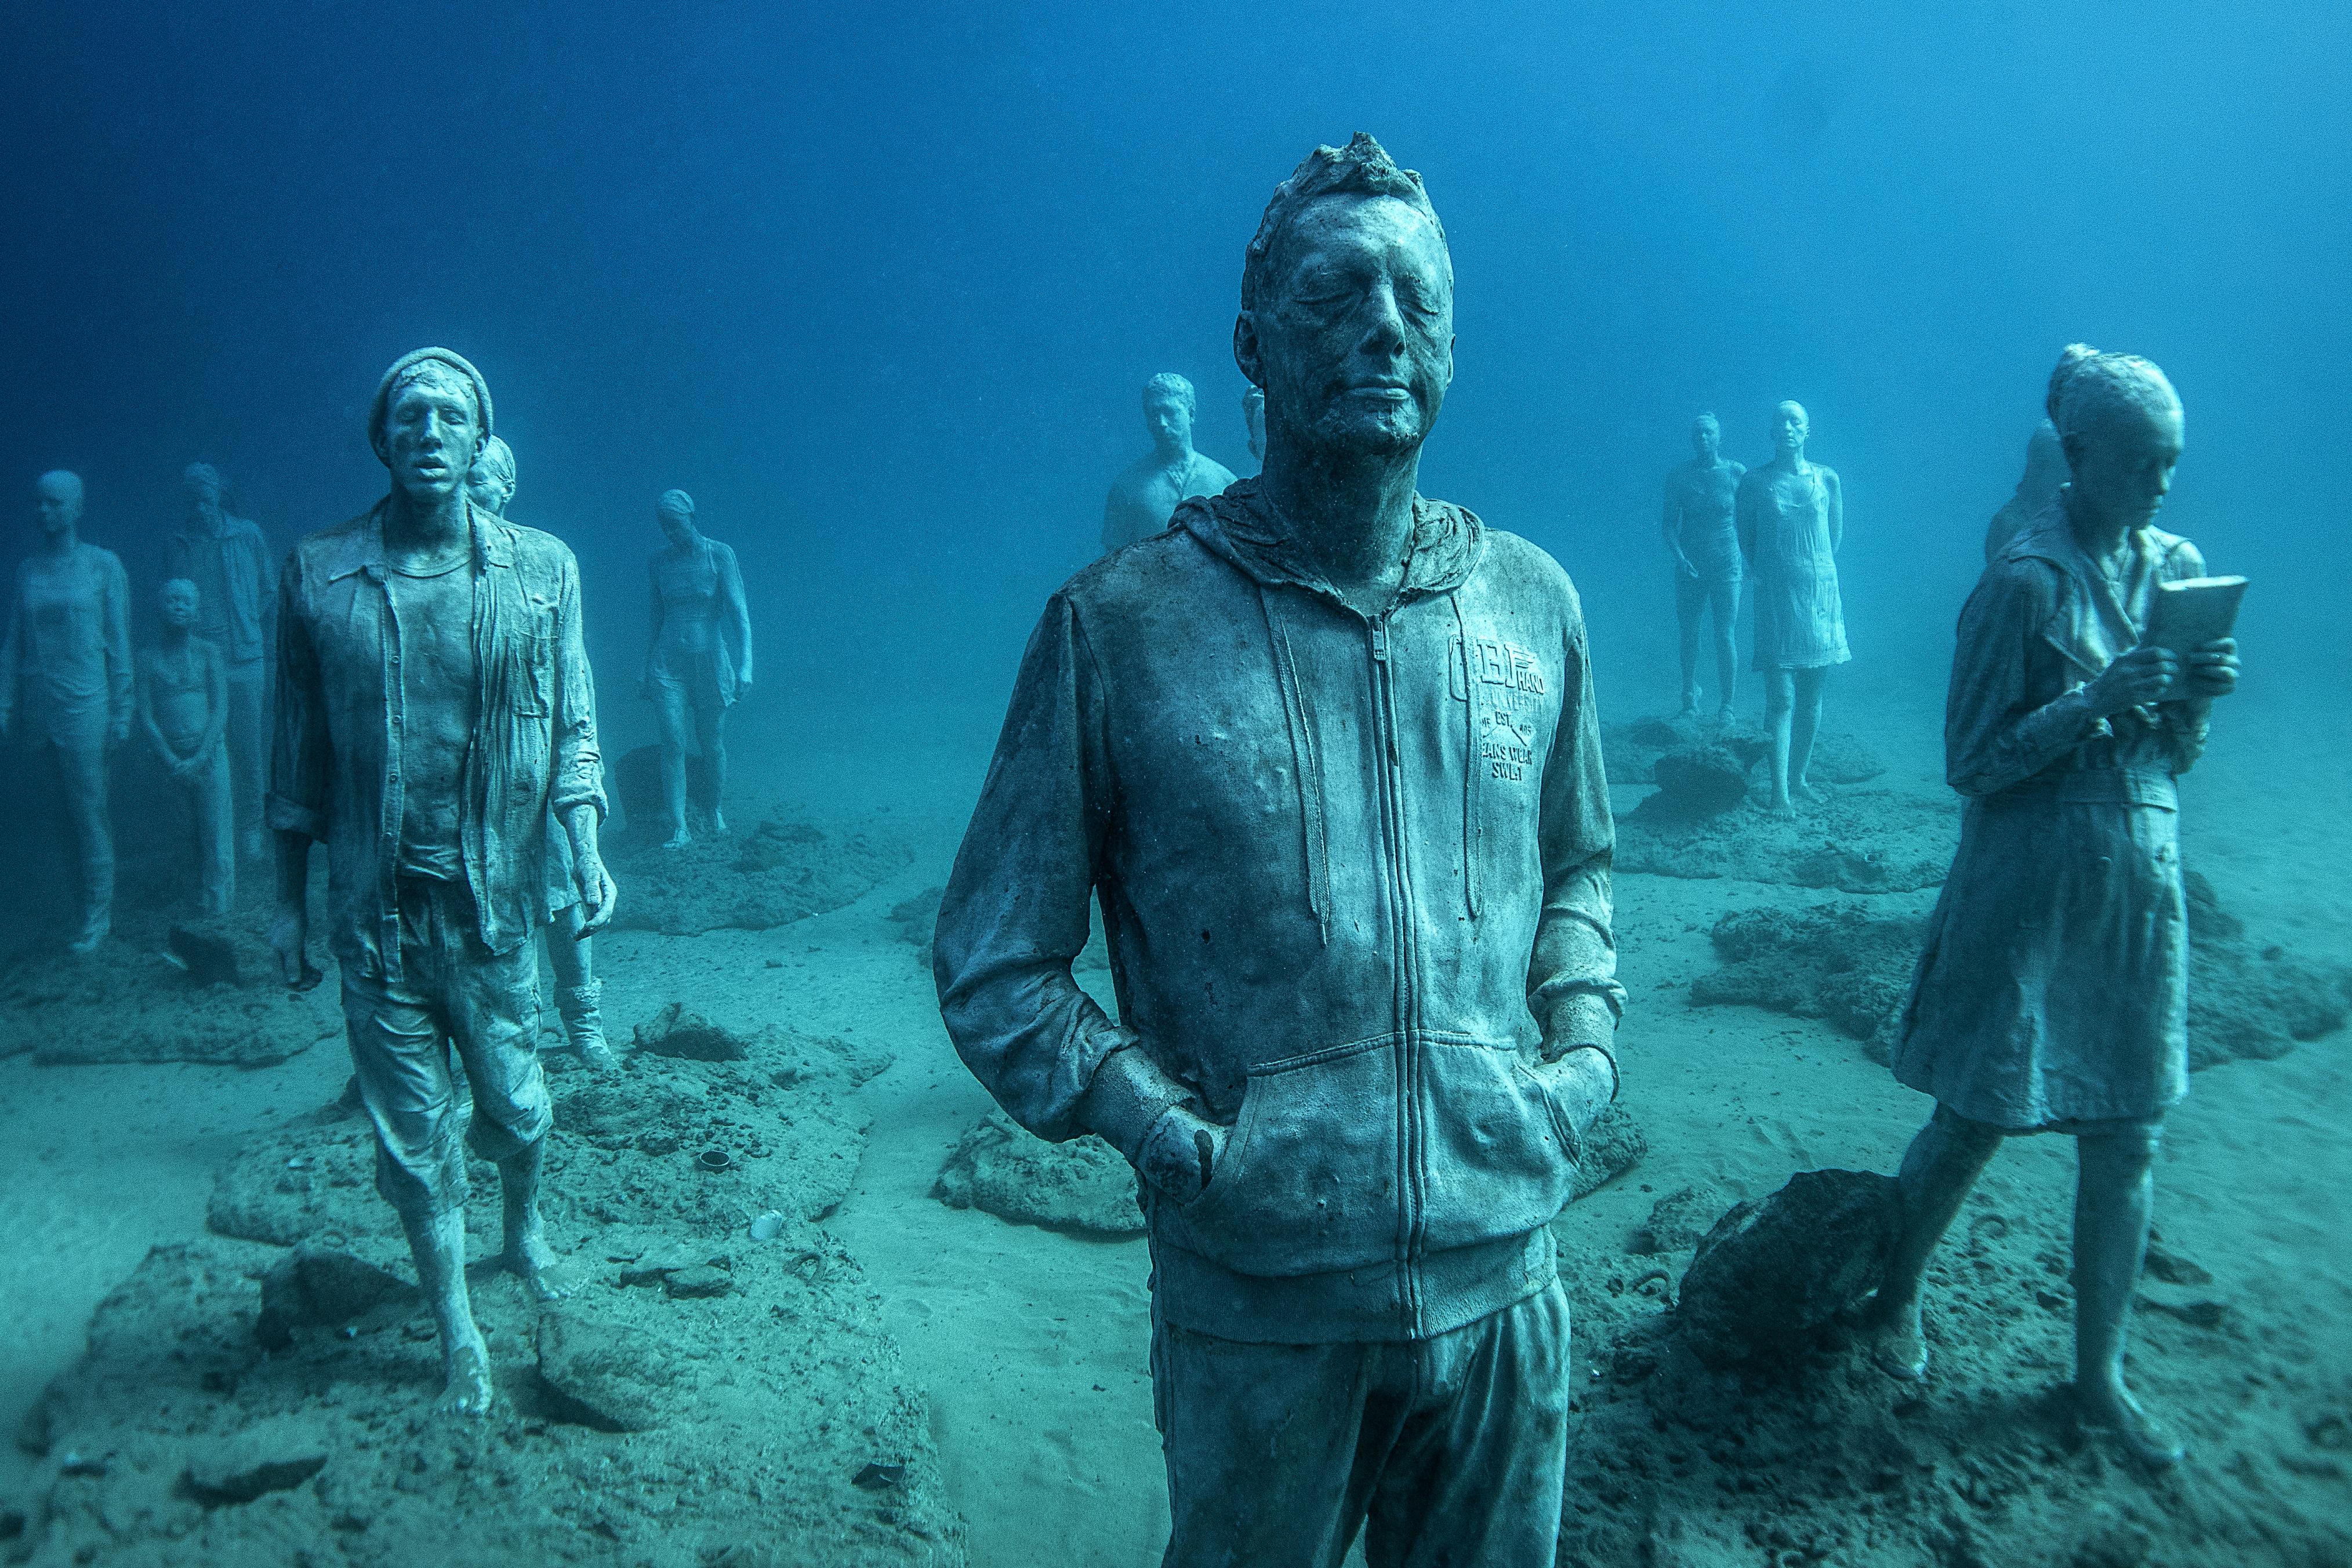 jason_decaires_taylor_sculpture-02533_jason-decaires-taylor_sculpture